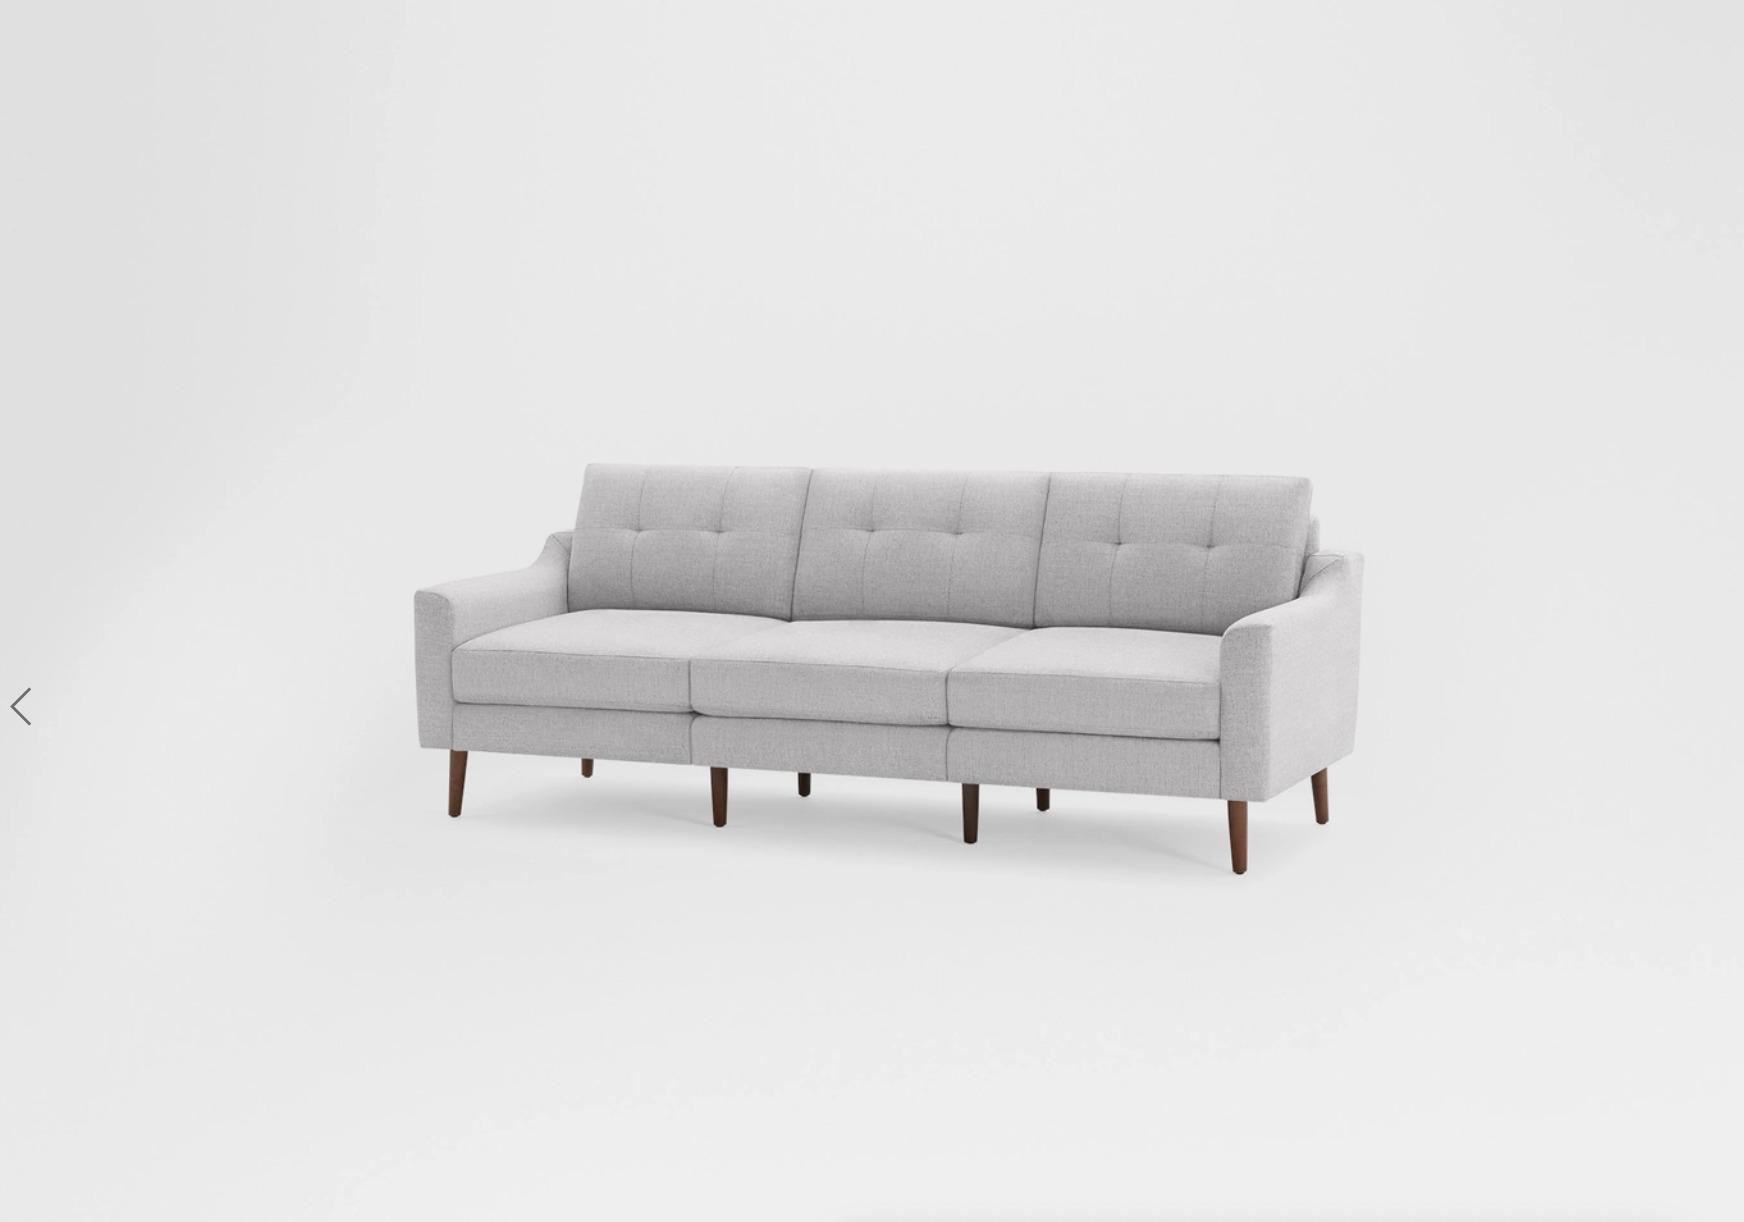 Nomad Sofa (Crushed Gravel)